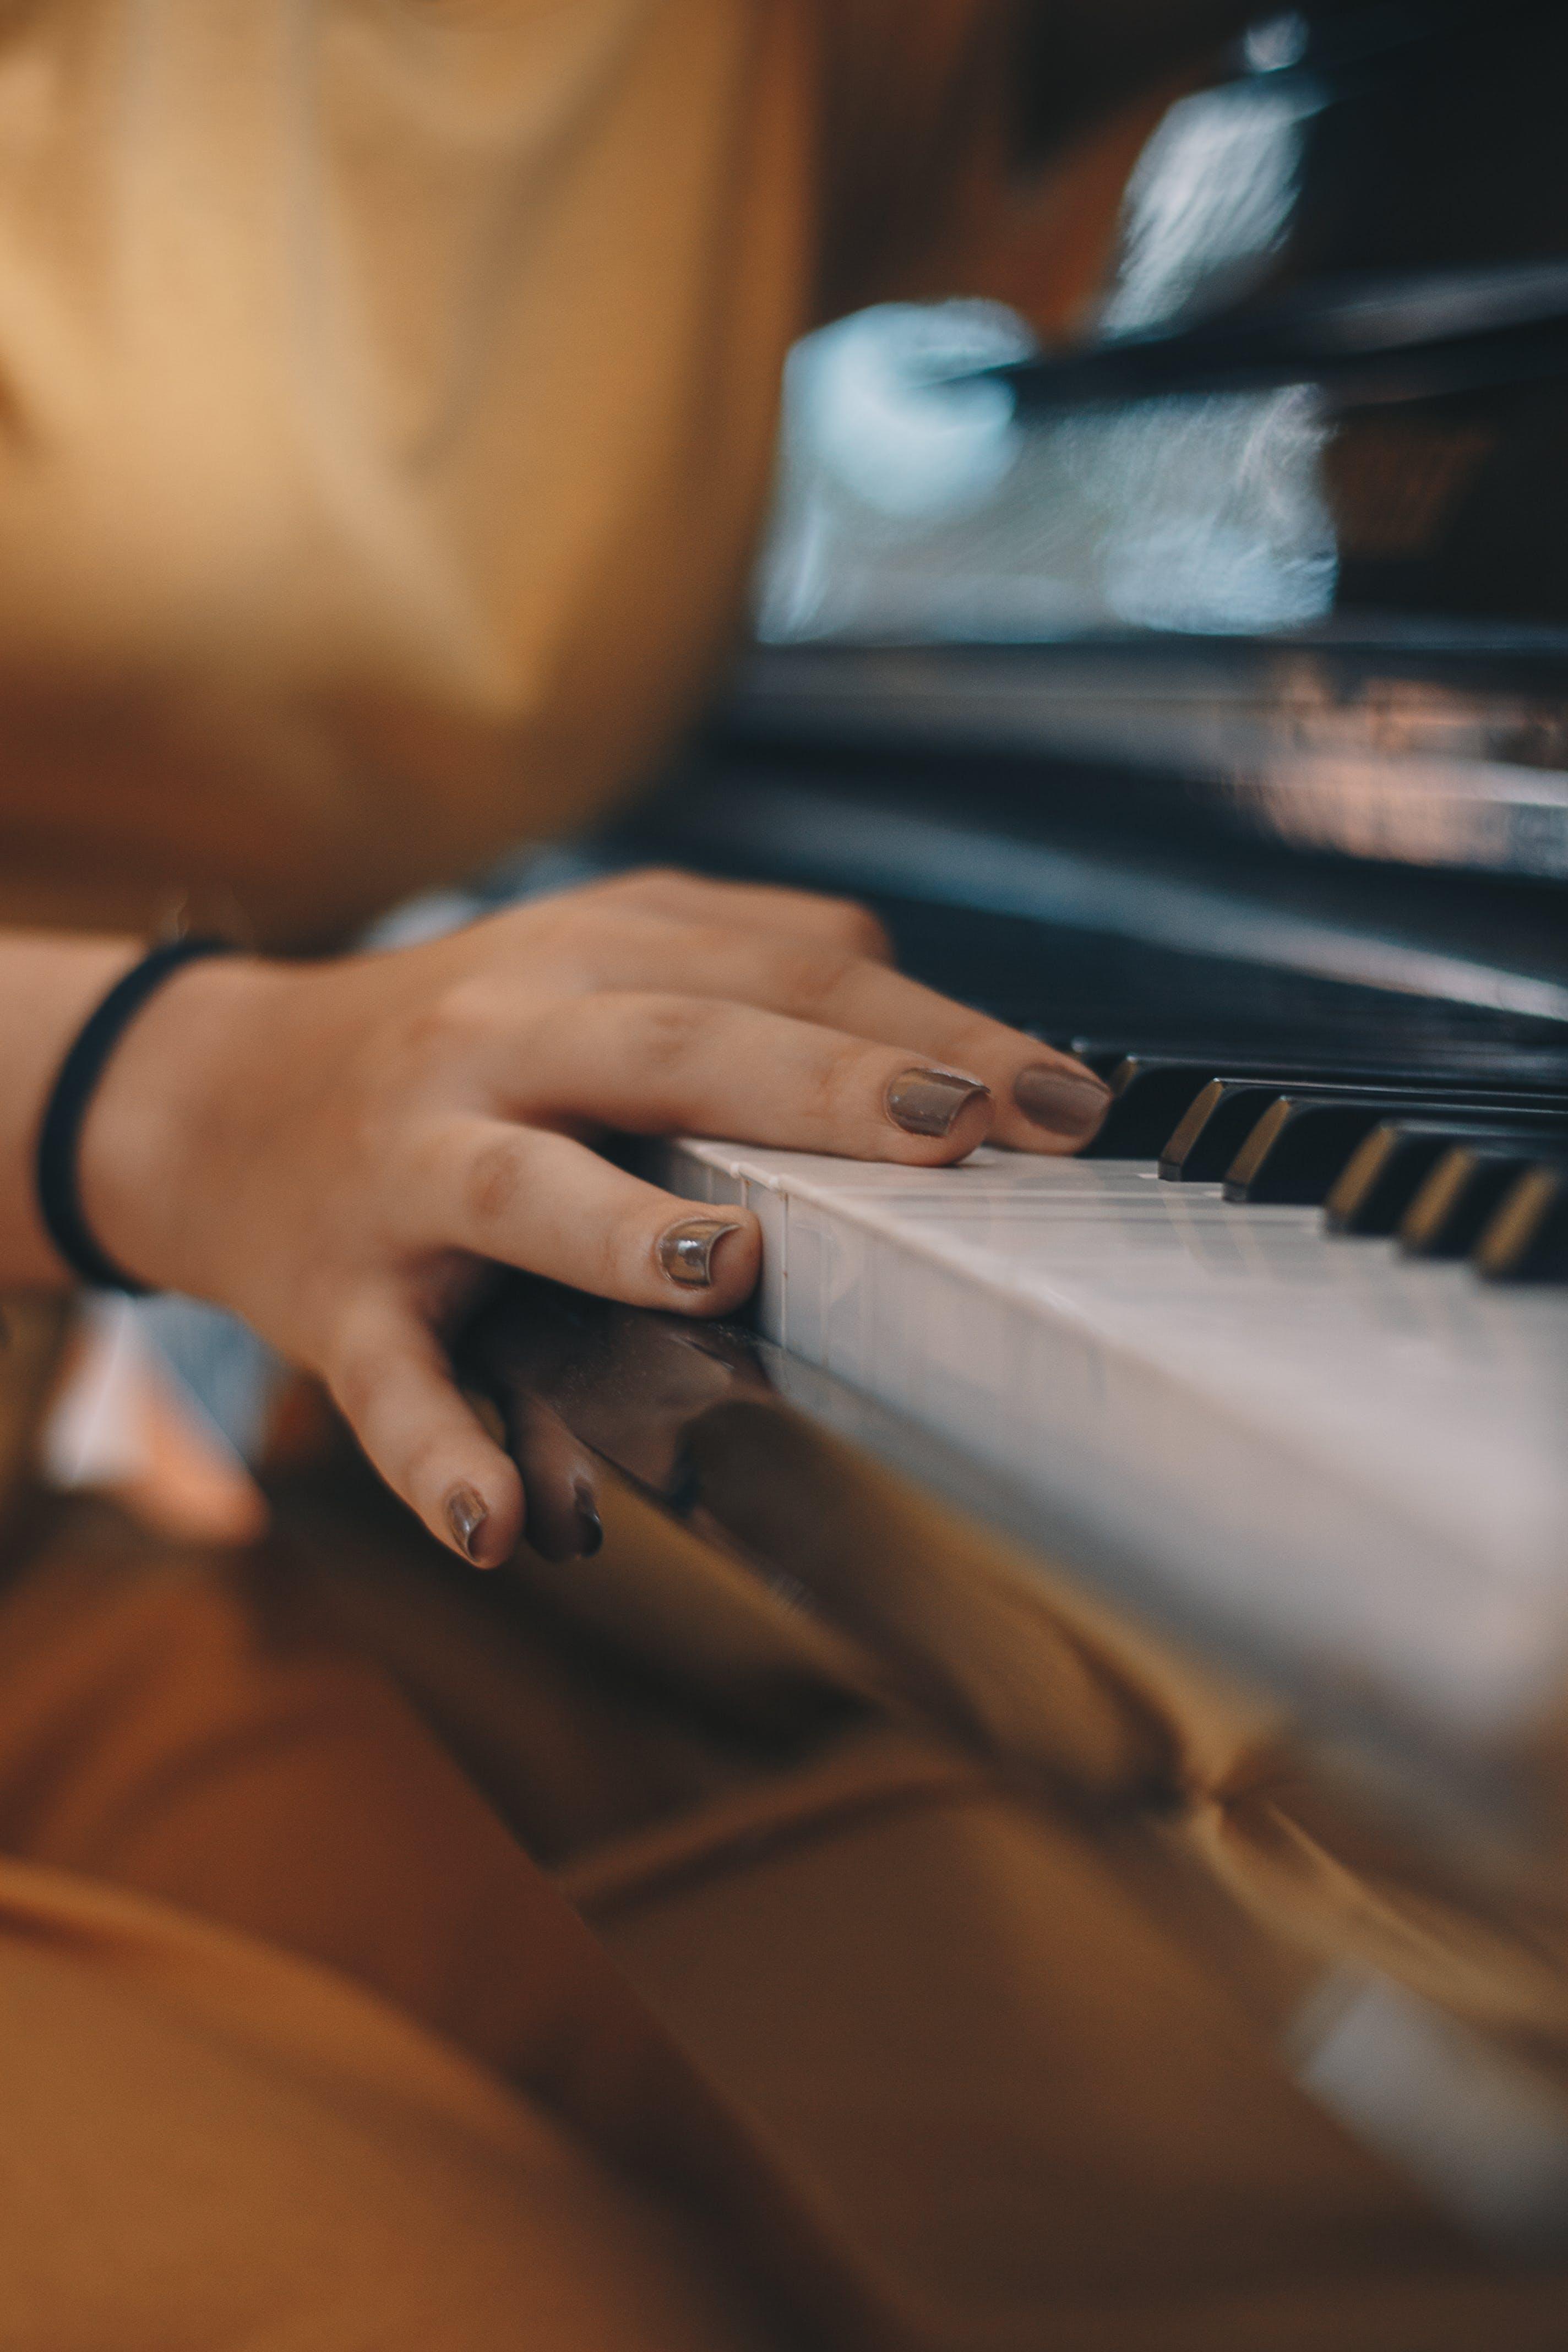 Δωρεάν στοκ φωτογραφιών με θηλυκός, μουσικό όργανο, περιποιημένα νύχια, πλήκτρα πιάνου